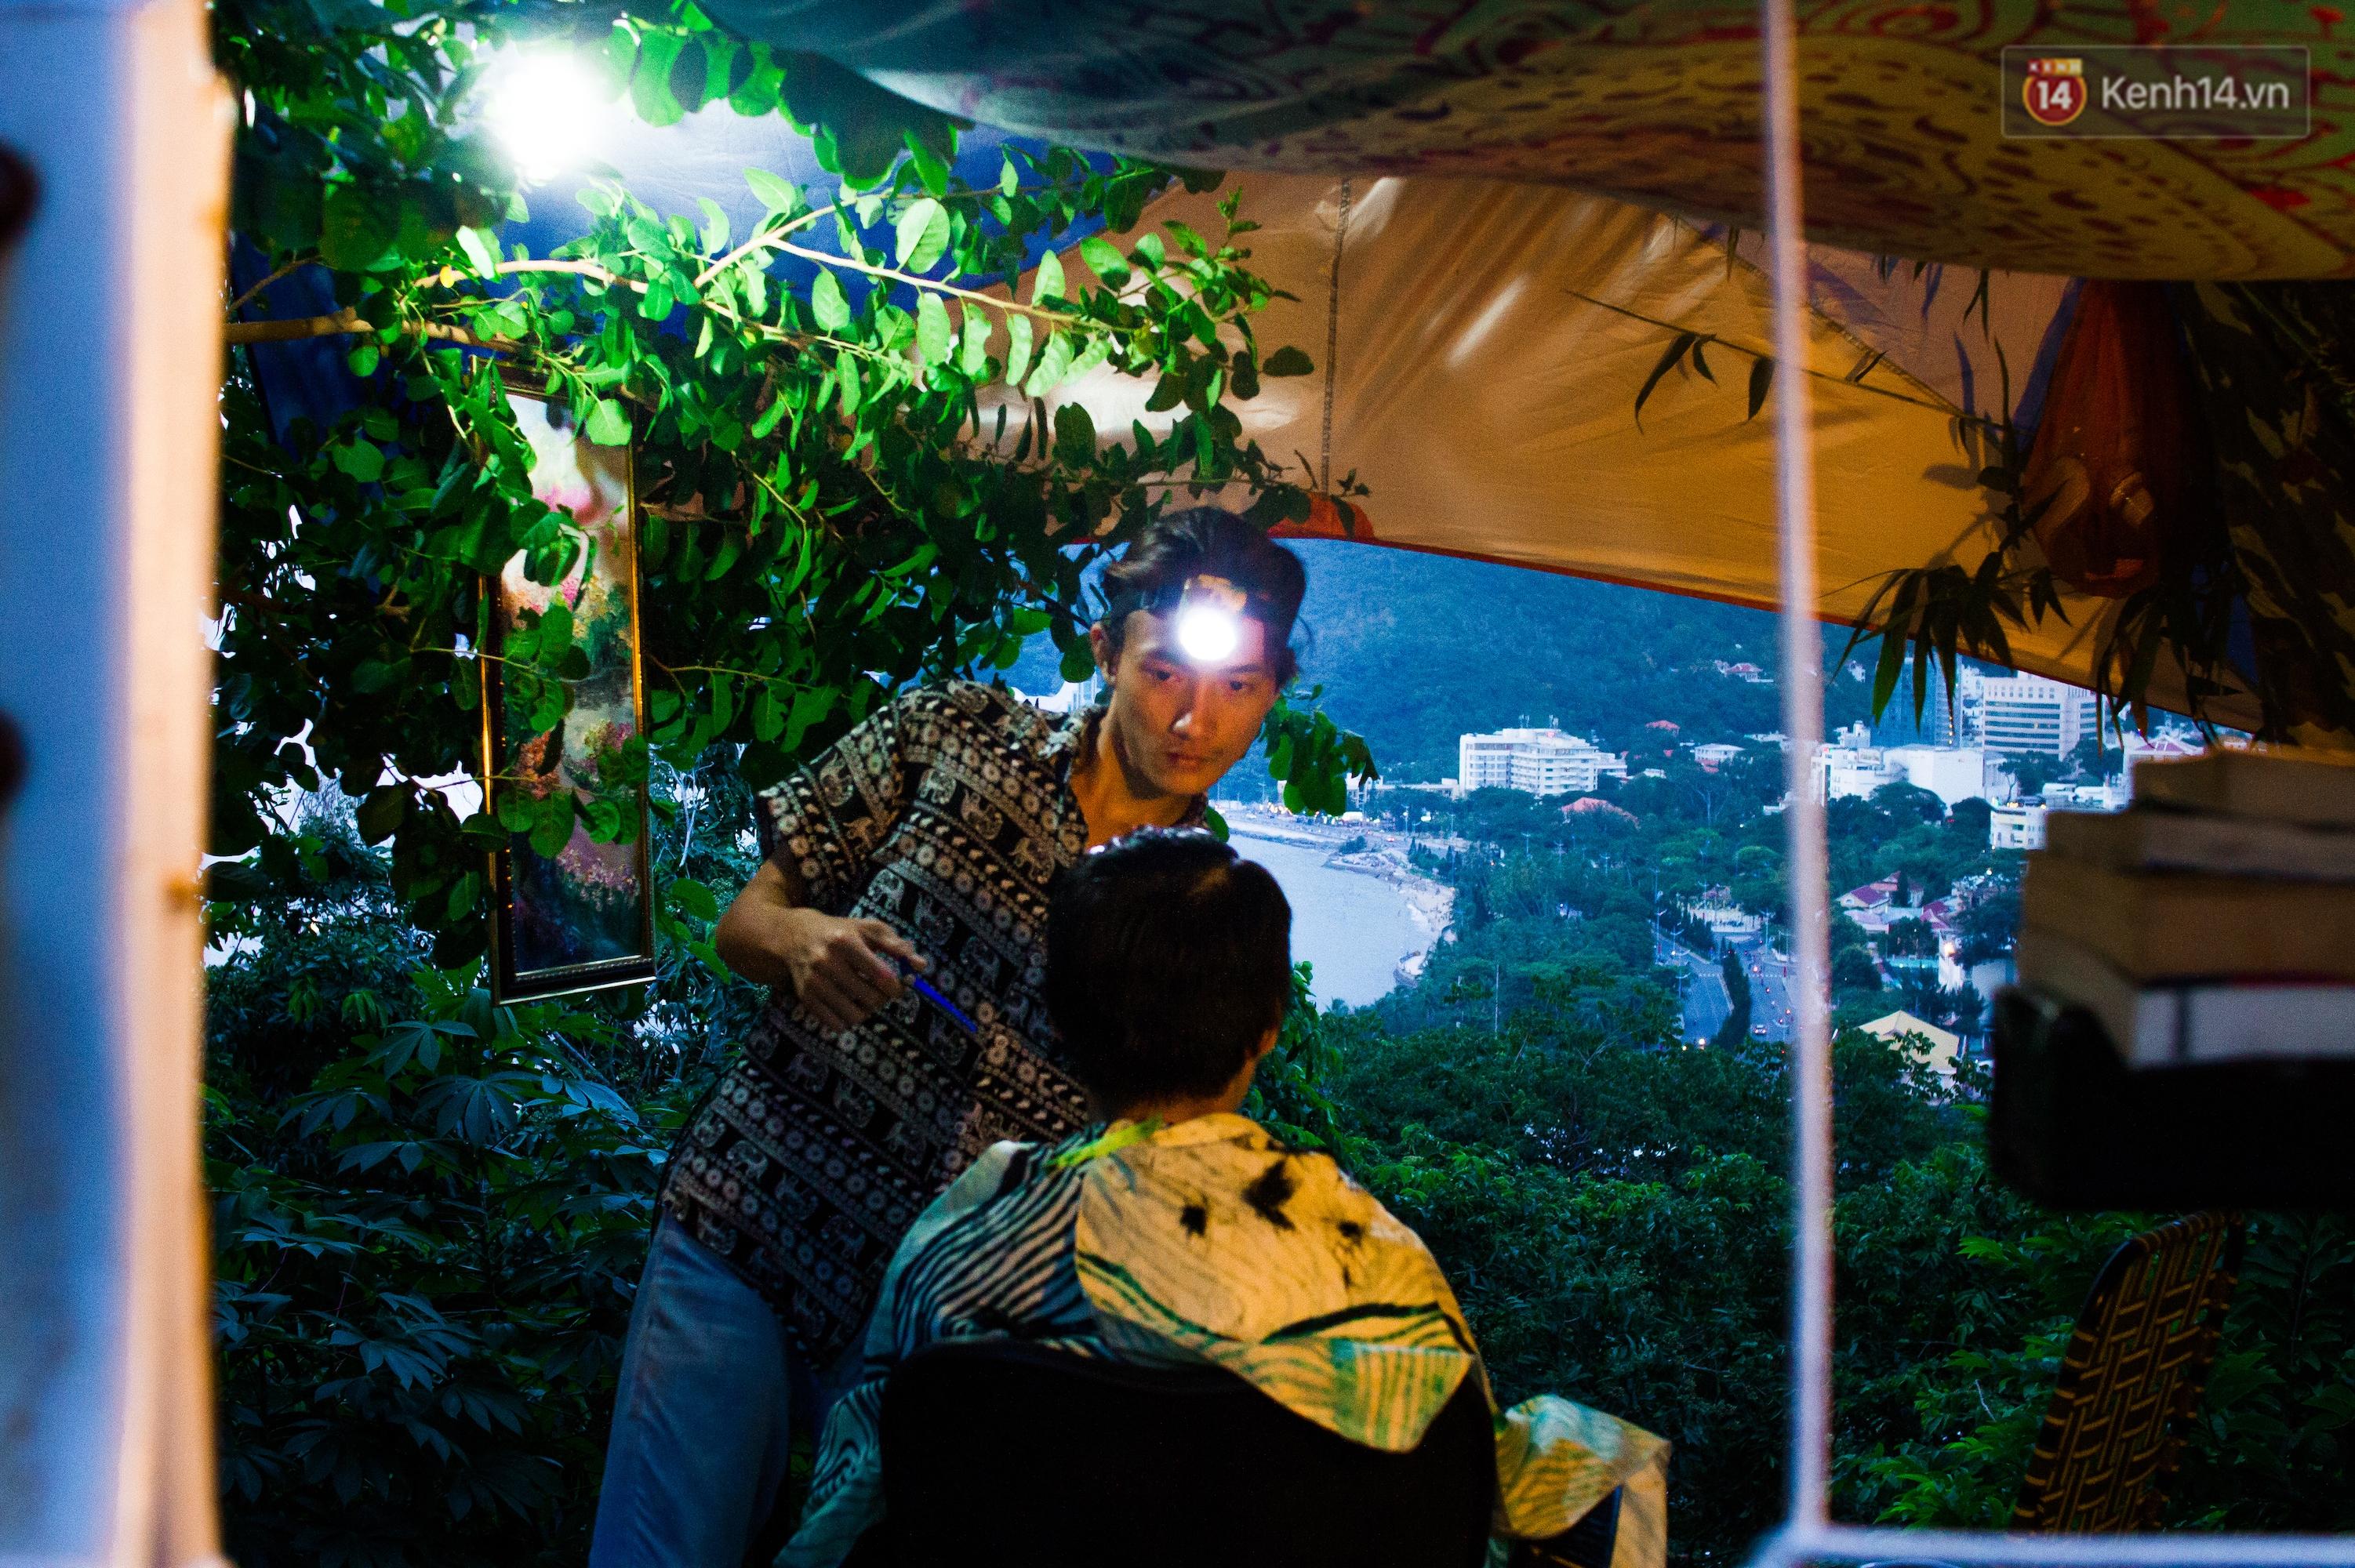 Chuyện về chàng trai Vũng Tàu bỏ phố lên rừng để mở tiệm tóc trong túp lều độc đáo bên triền dốc - Ảnh 7.